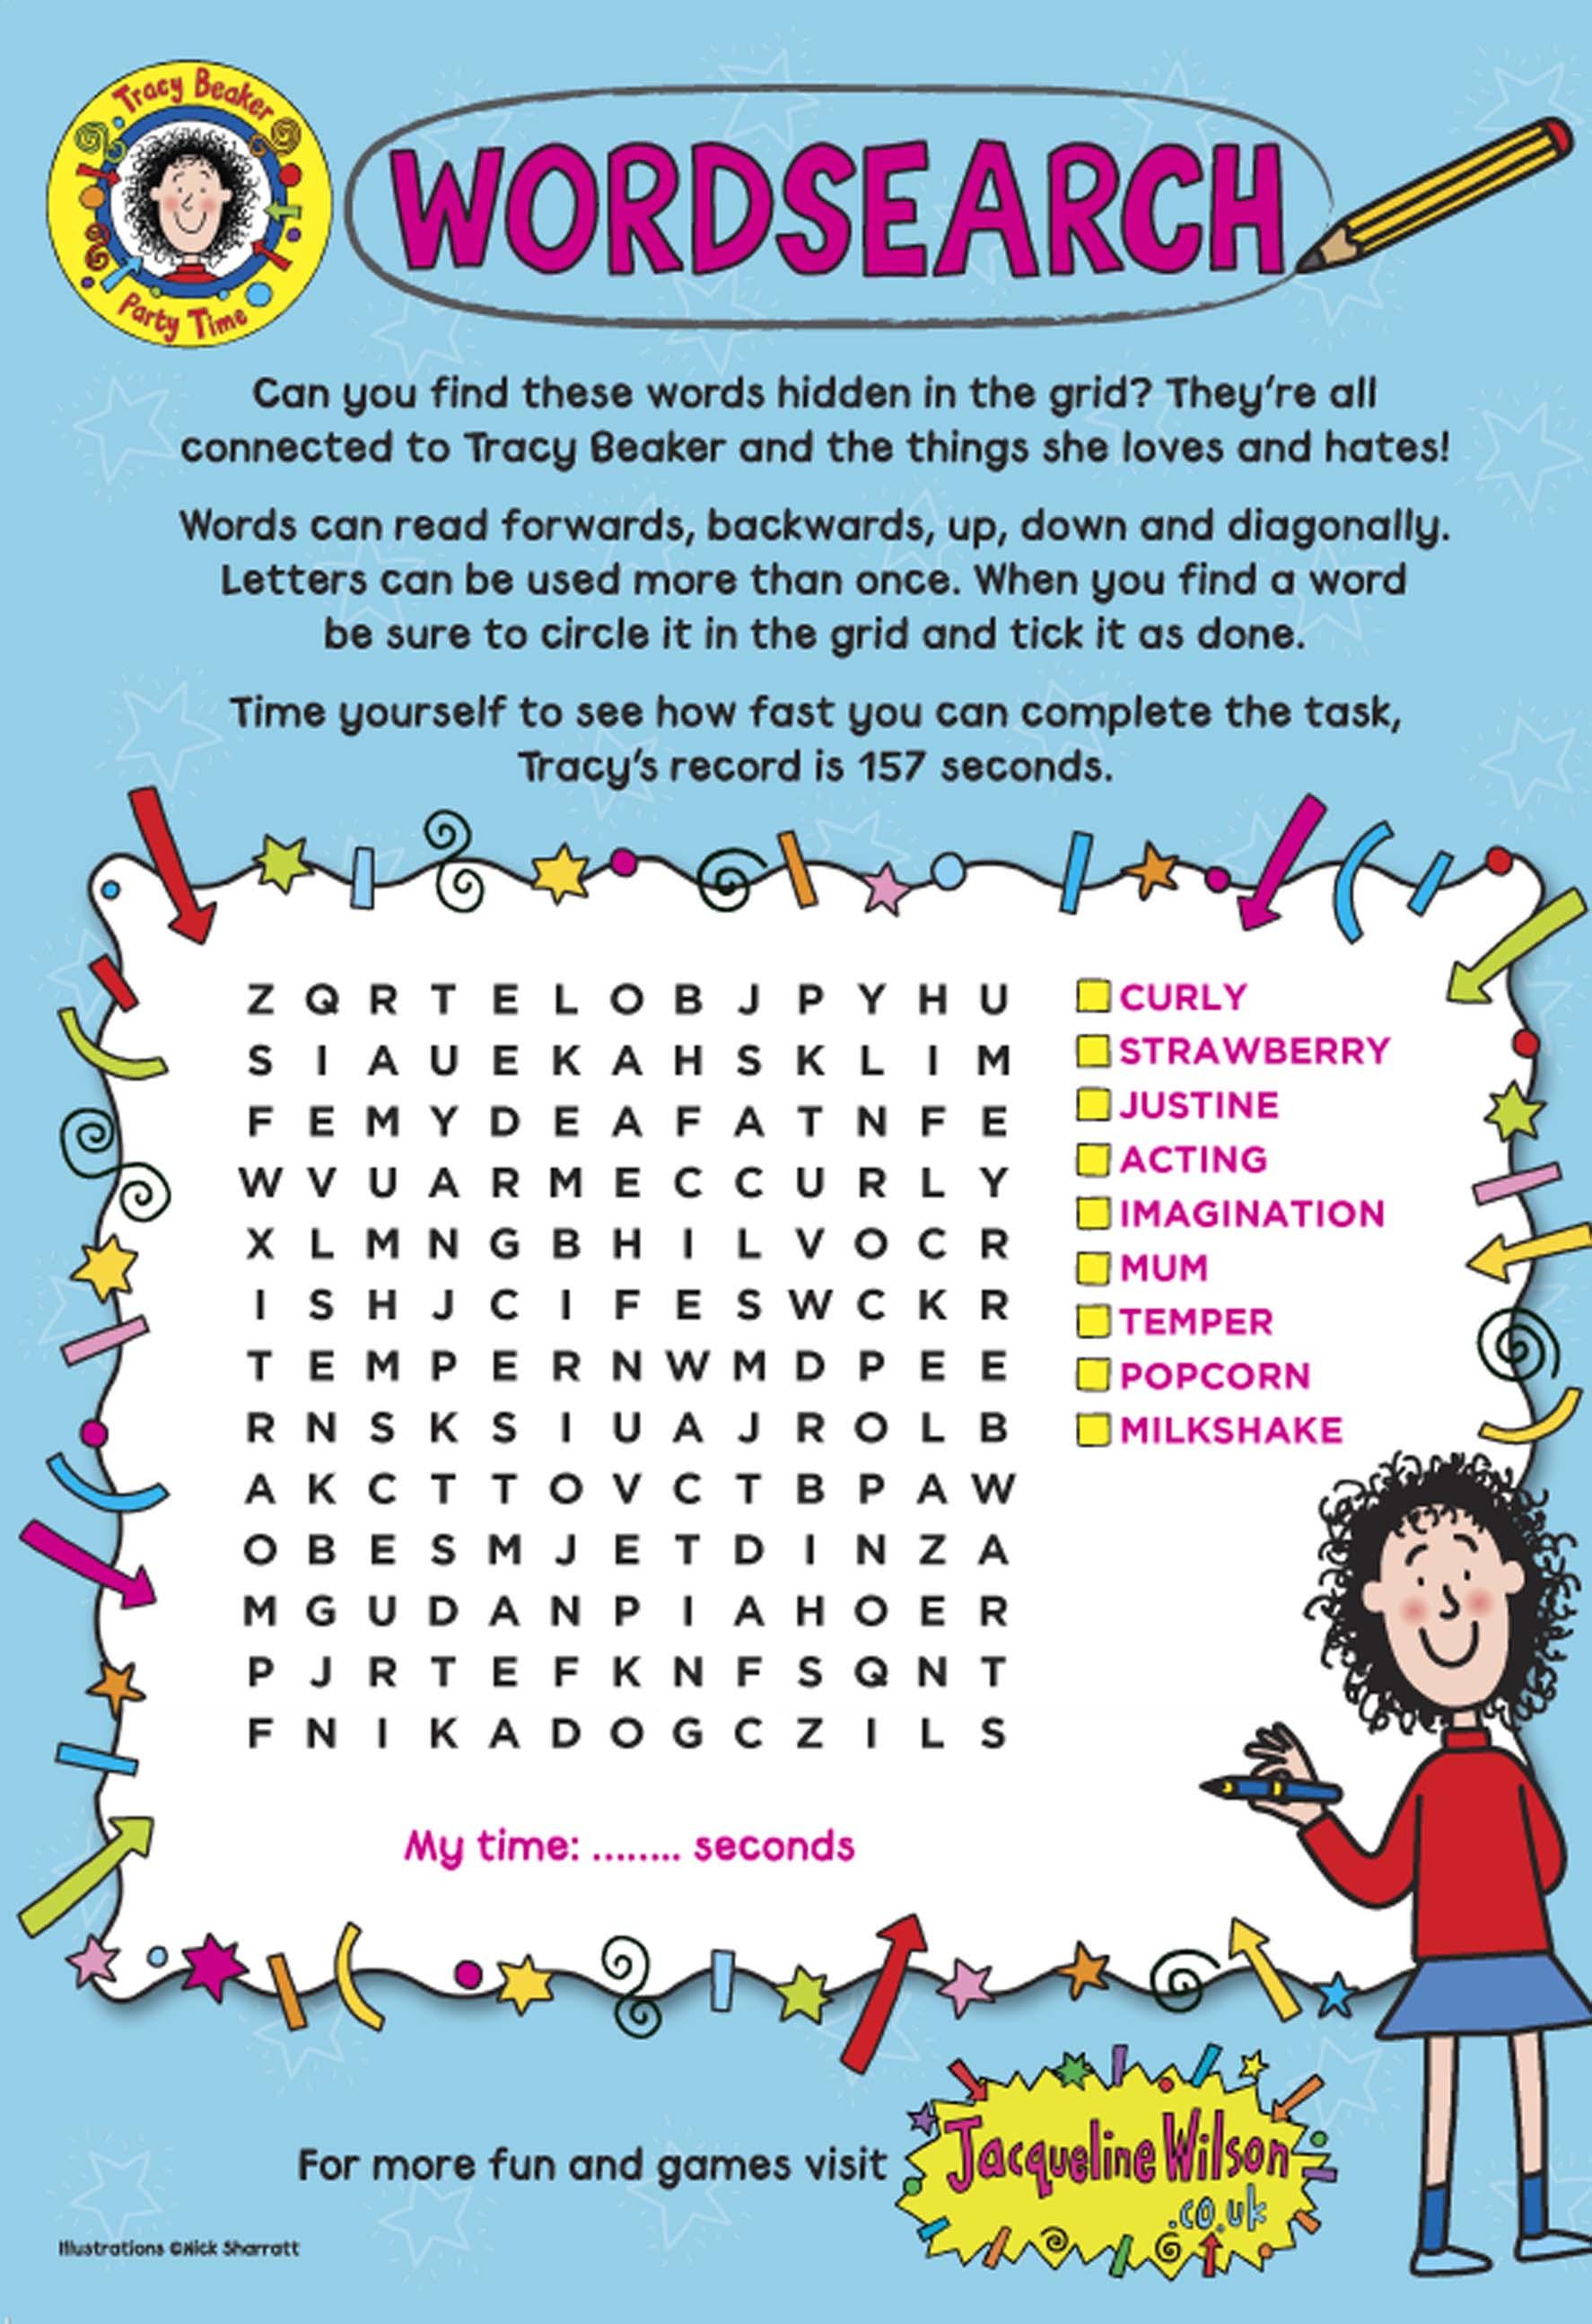 Tracy Beaker Wordsearch - Scholastic Kids' Club